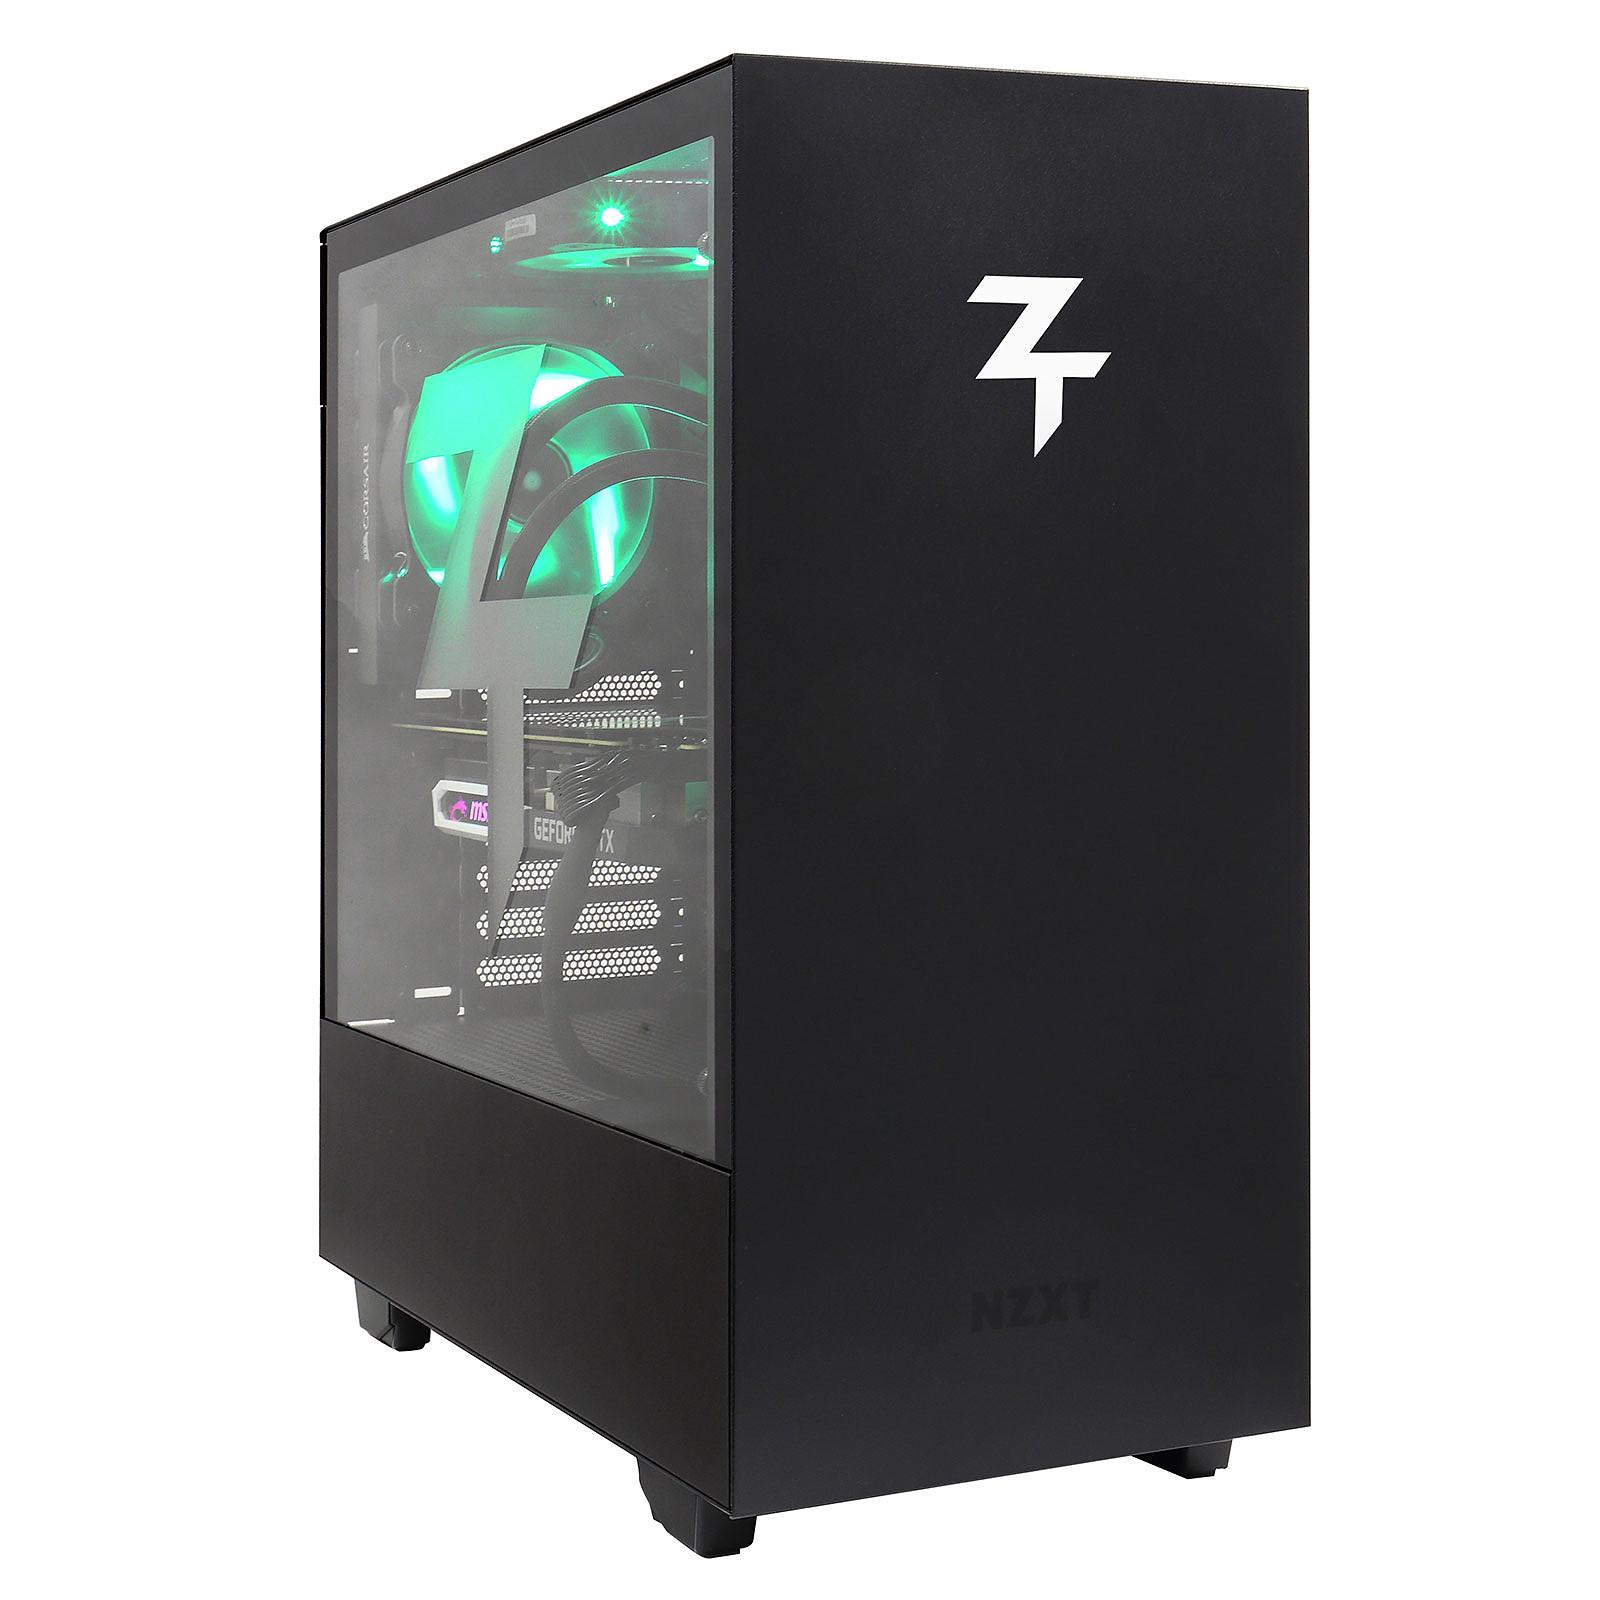 PC ZT Entrepreneur (pré-monté)